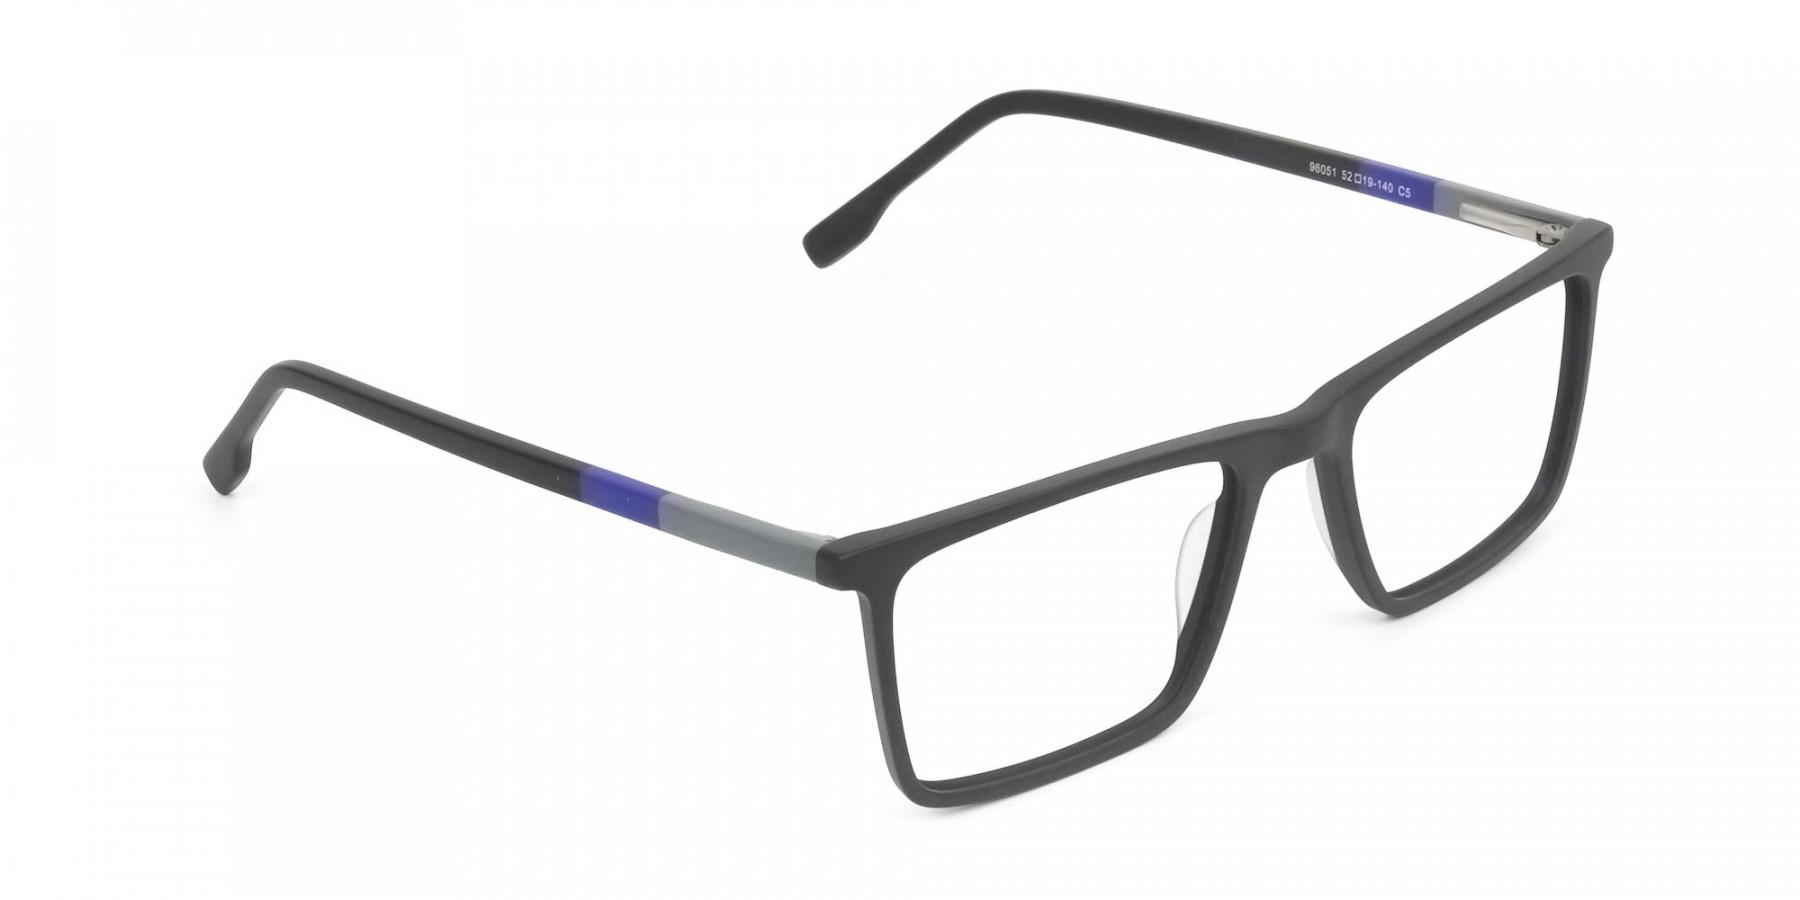 Black & Blue Rectangular Glasses - 1